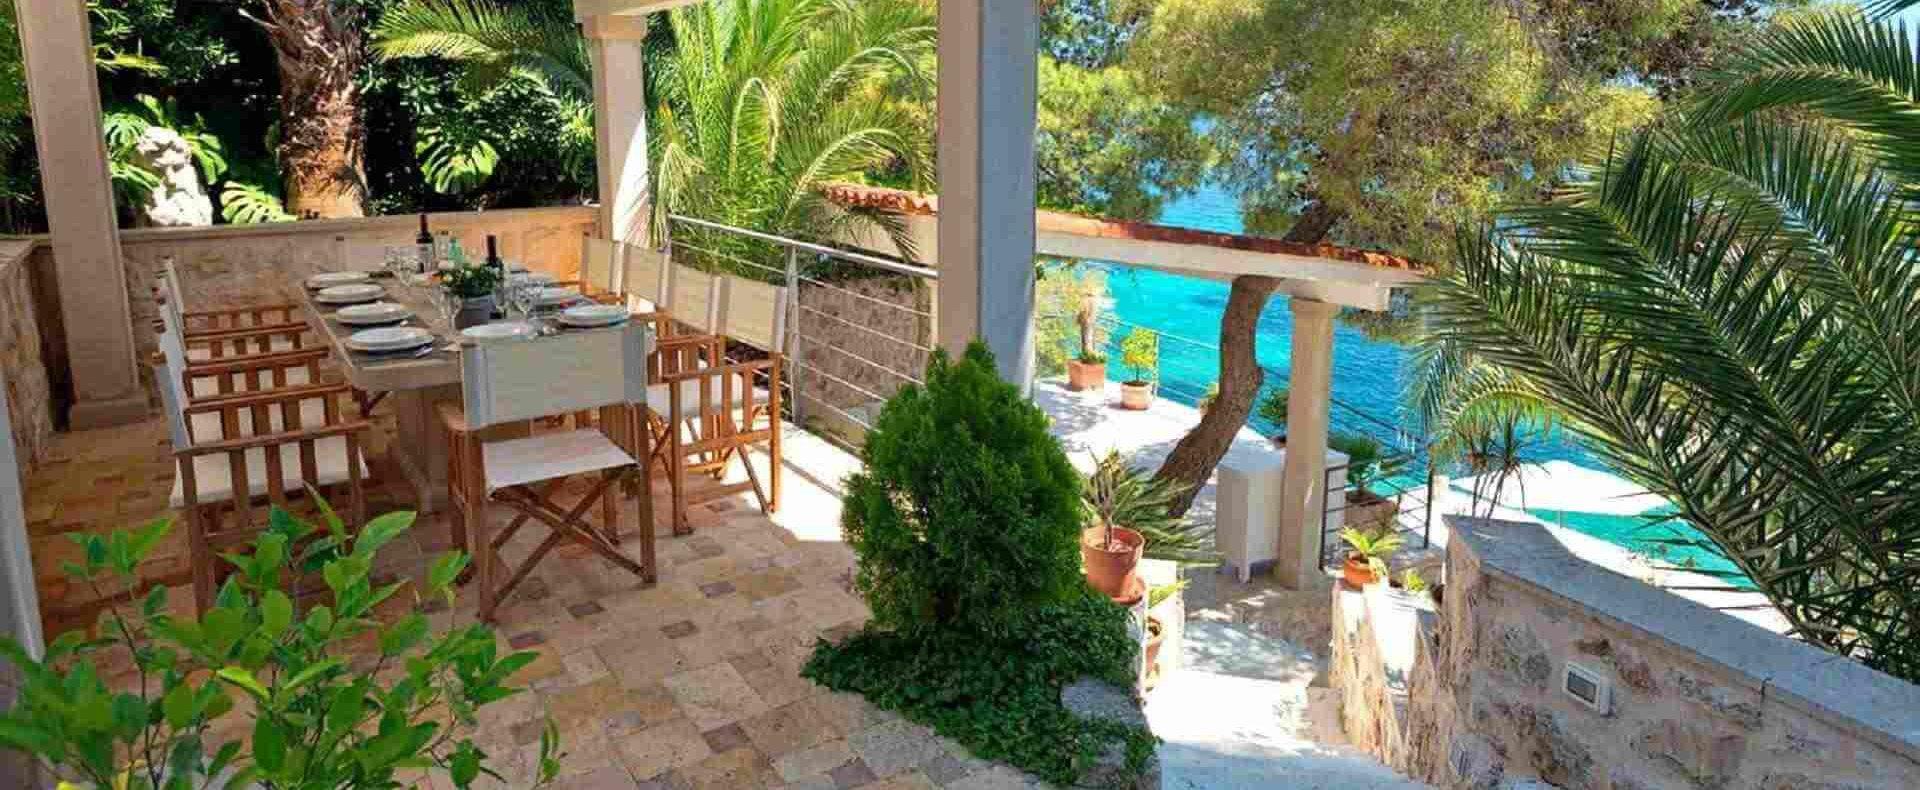 Beach Villas in Croatia - dream escape